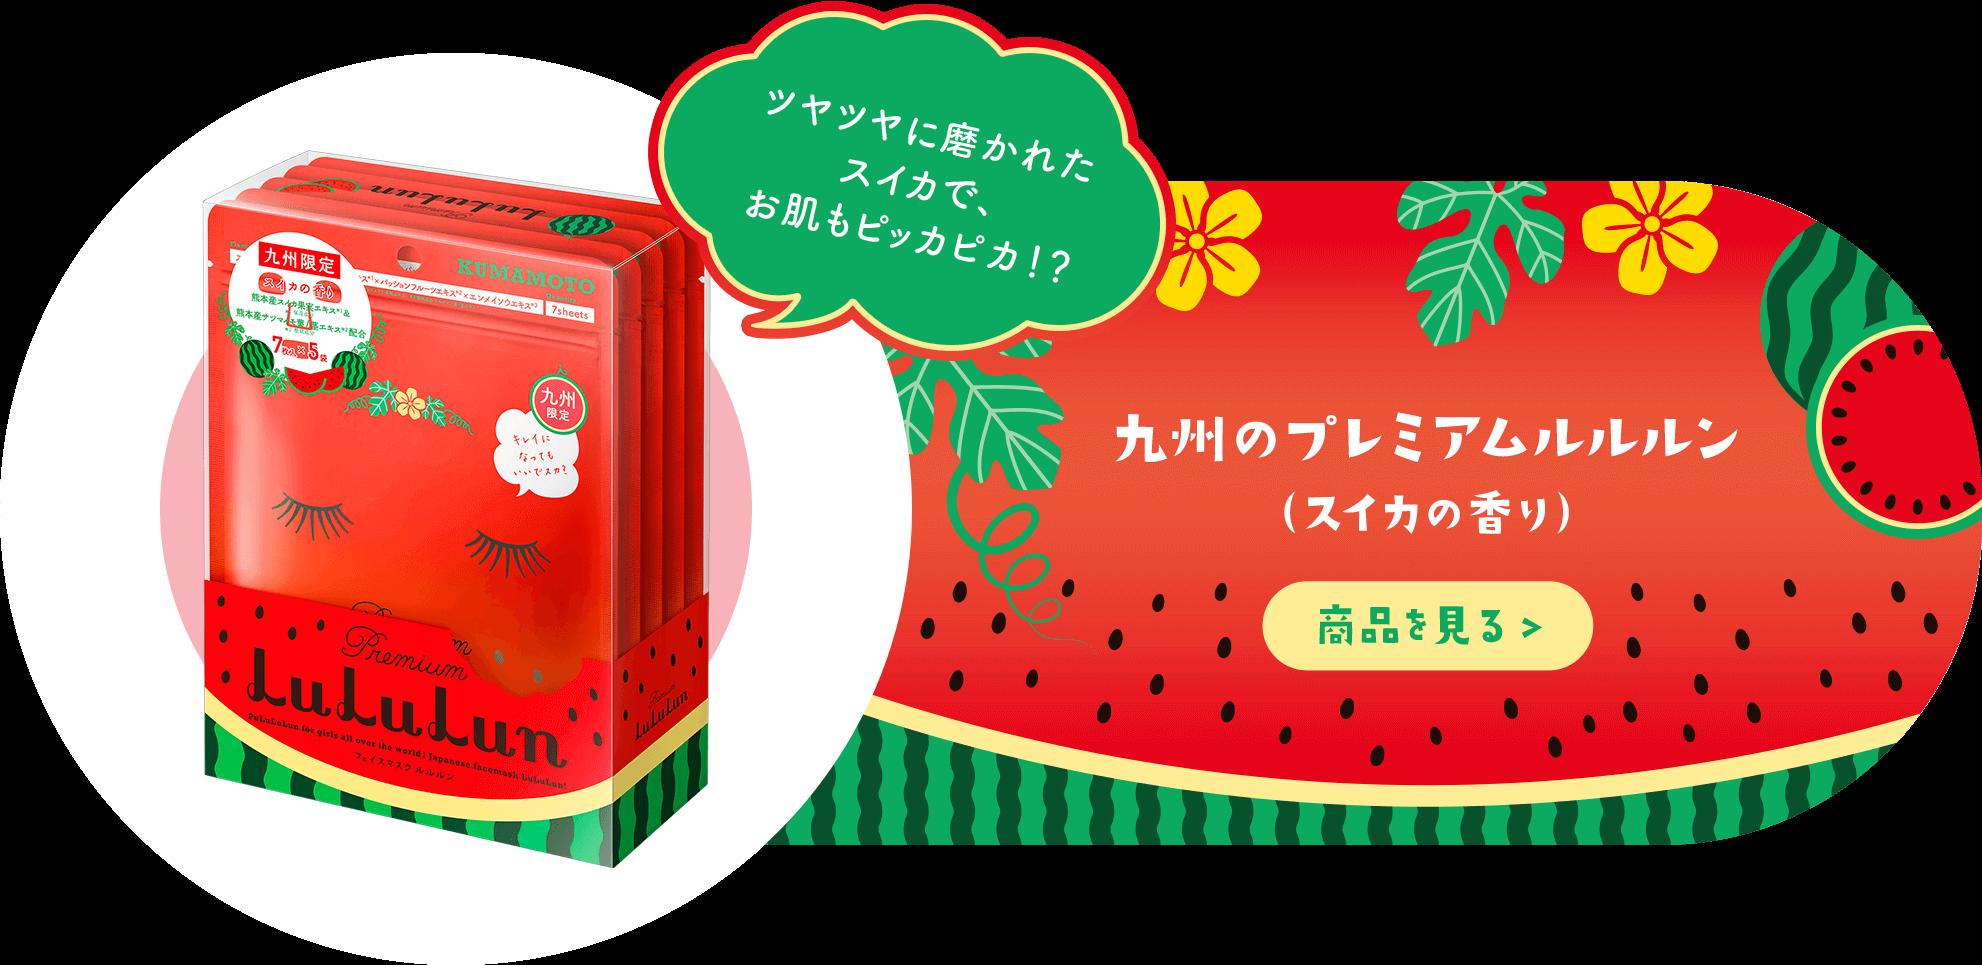 九州ルルルン(すいかの香り)